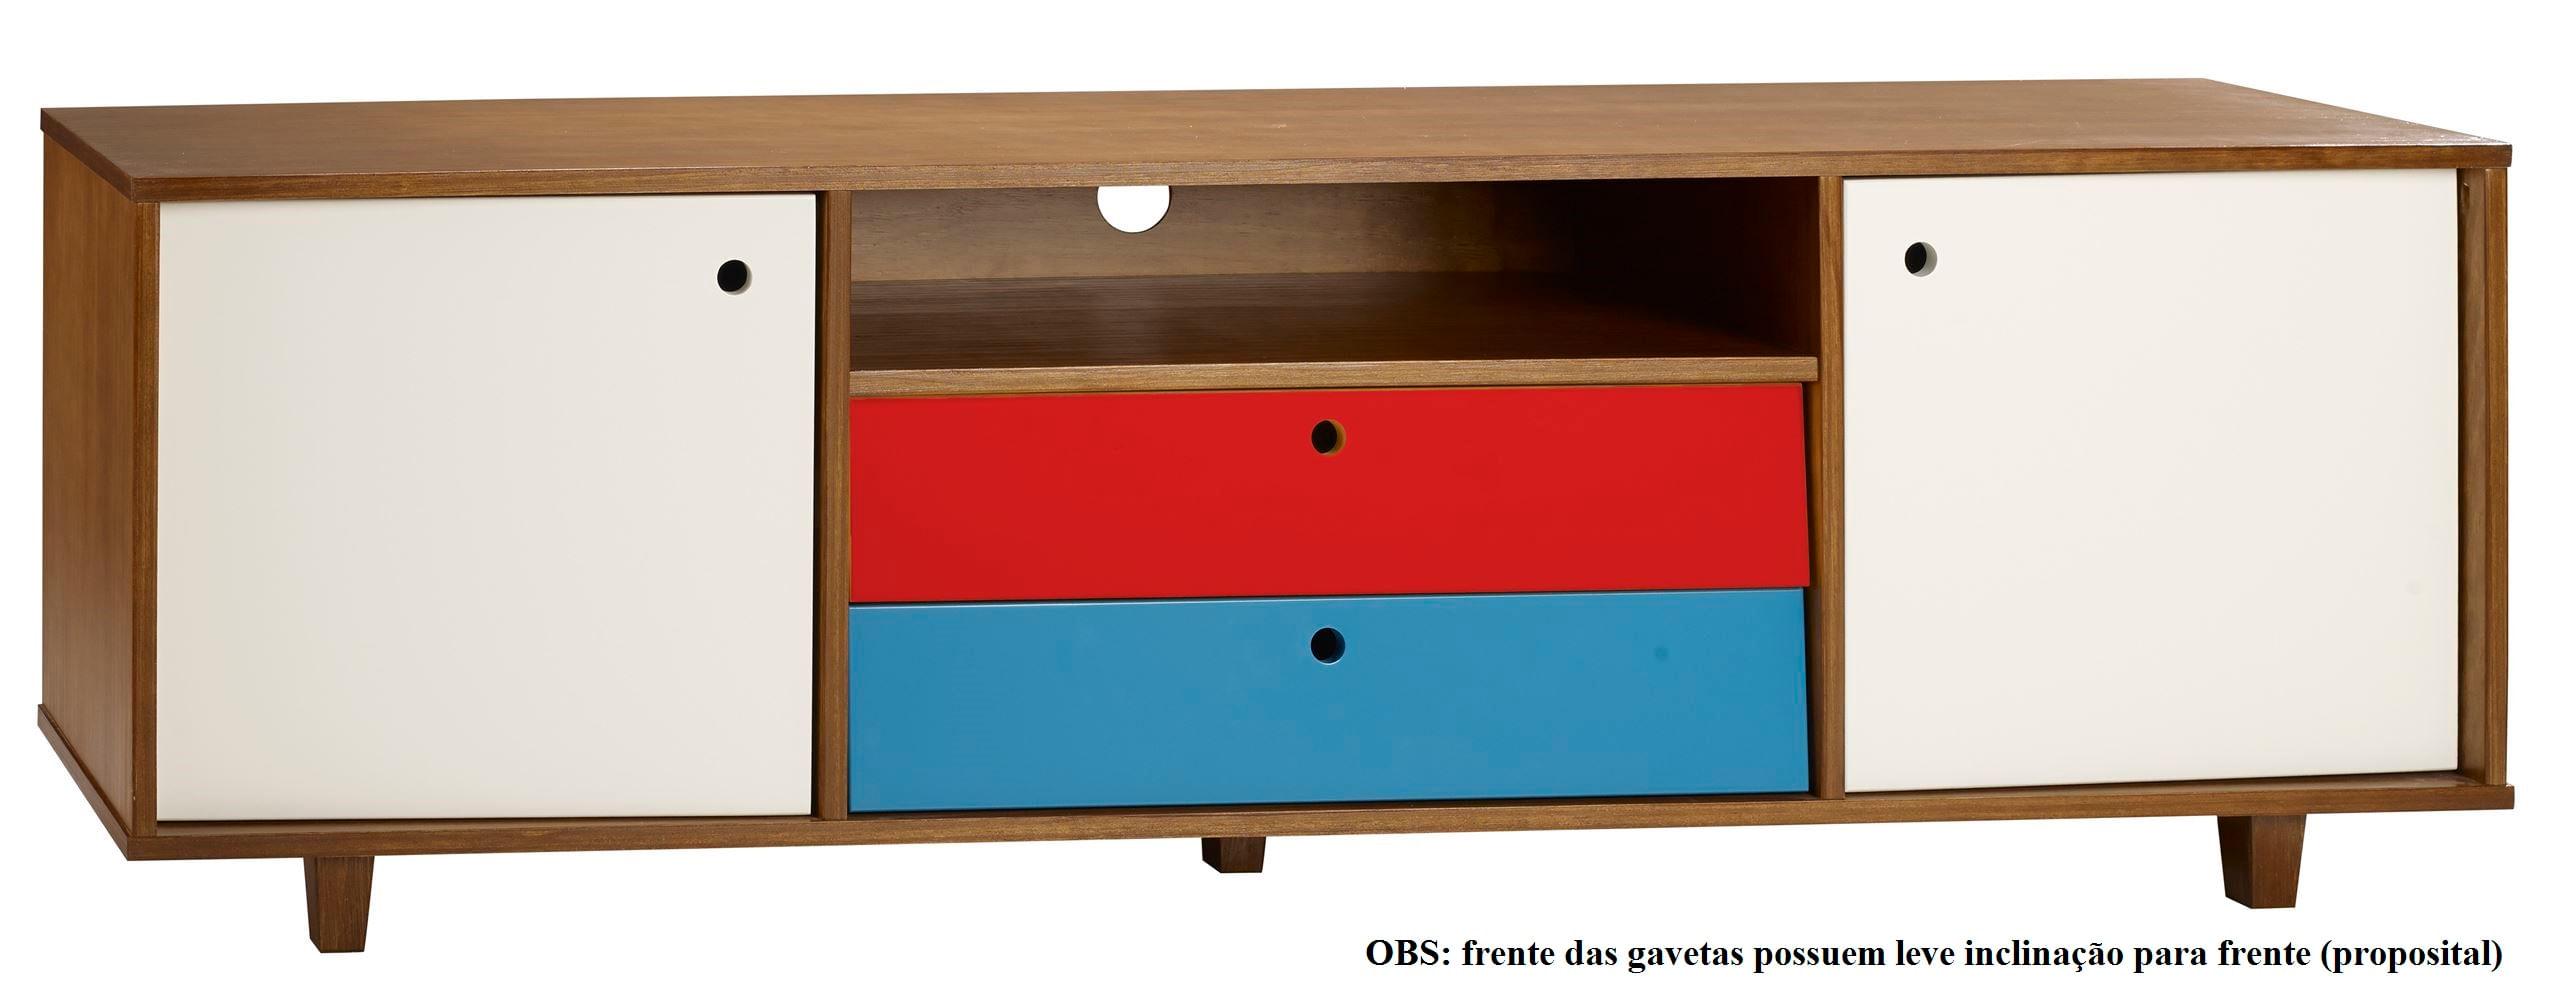 Rack Vintage Com 2 Gavetas Amendoa/Branco/ Vermelho - 30157